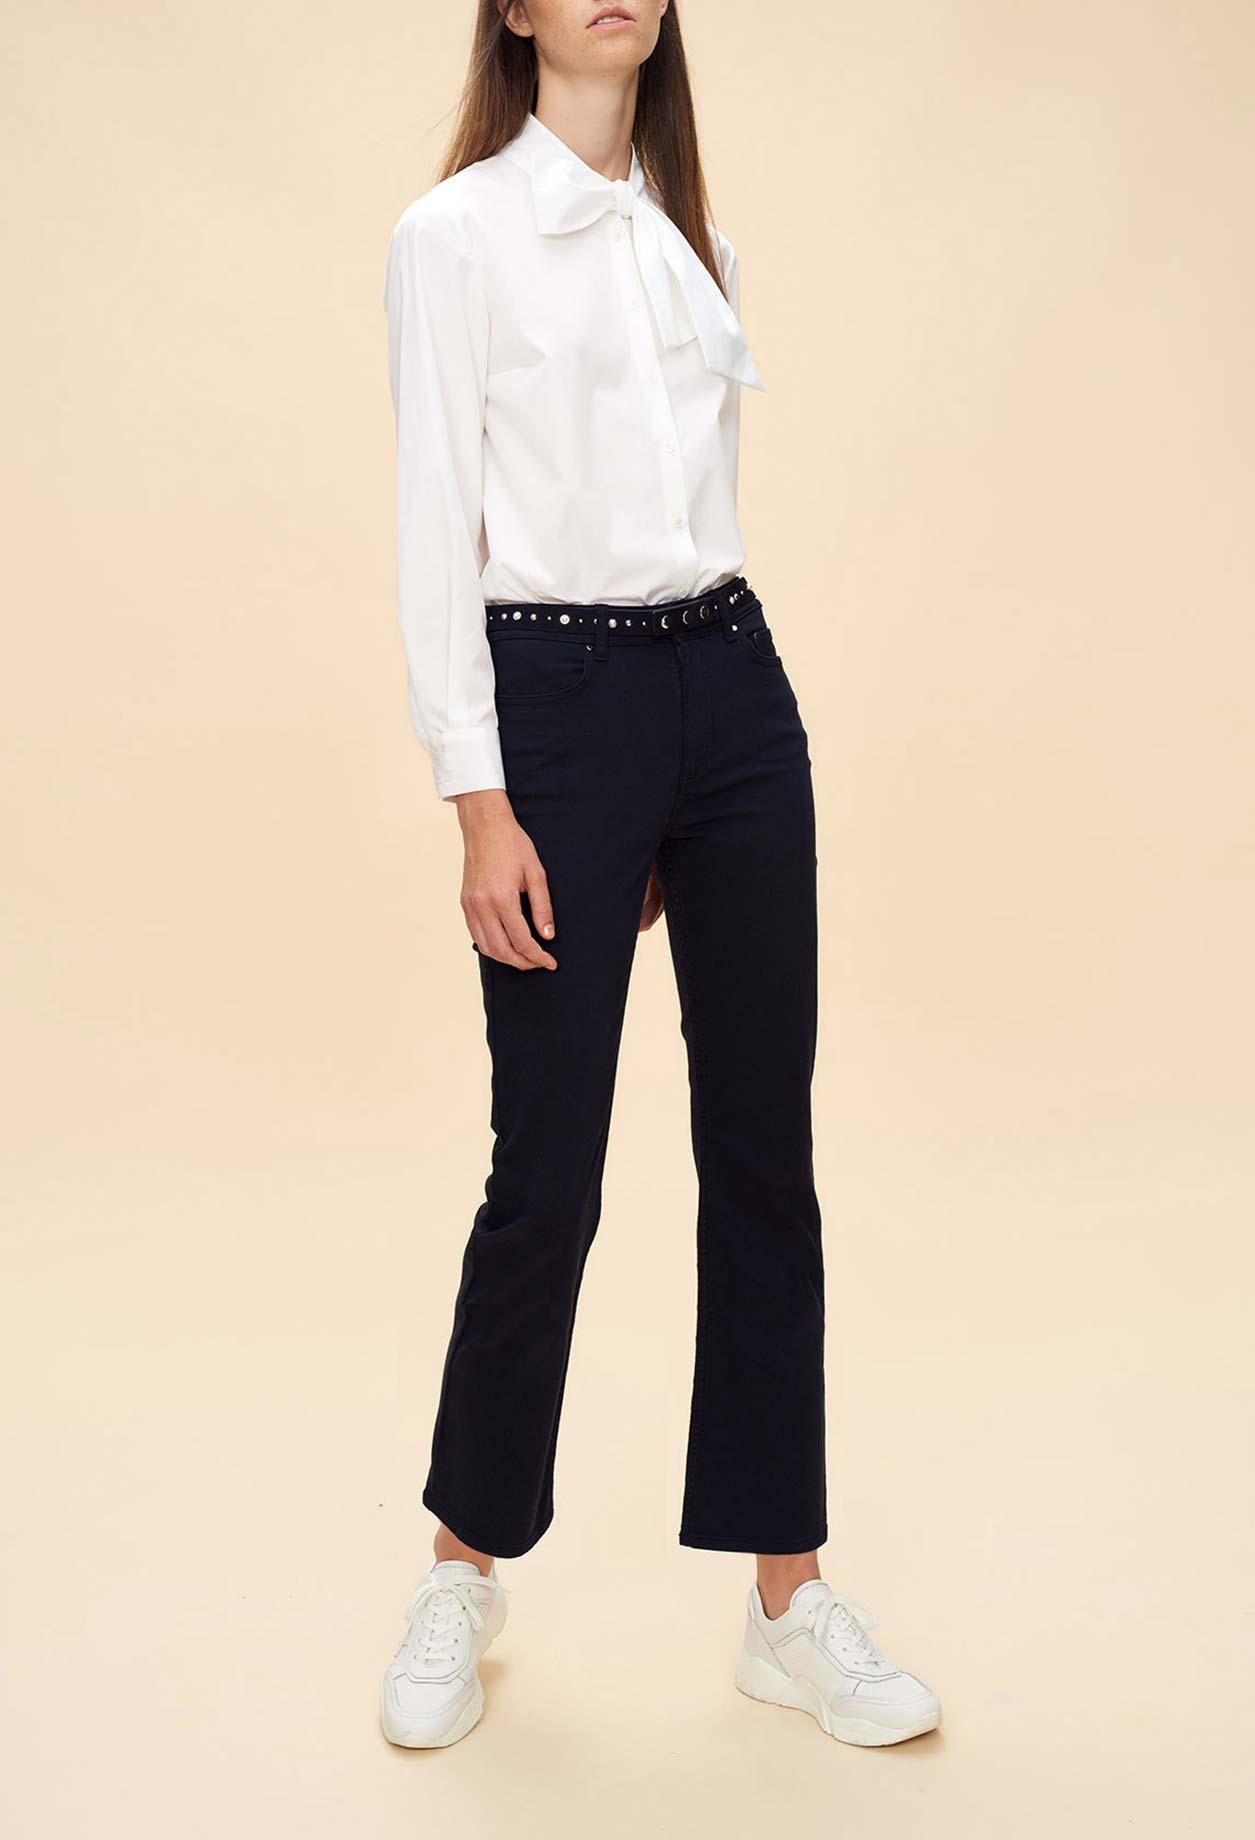 PATIO - Pantalons et Jeans   Claudie Pierlot 305ca590153